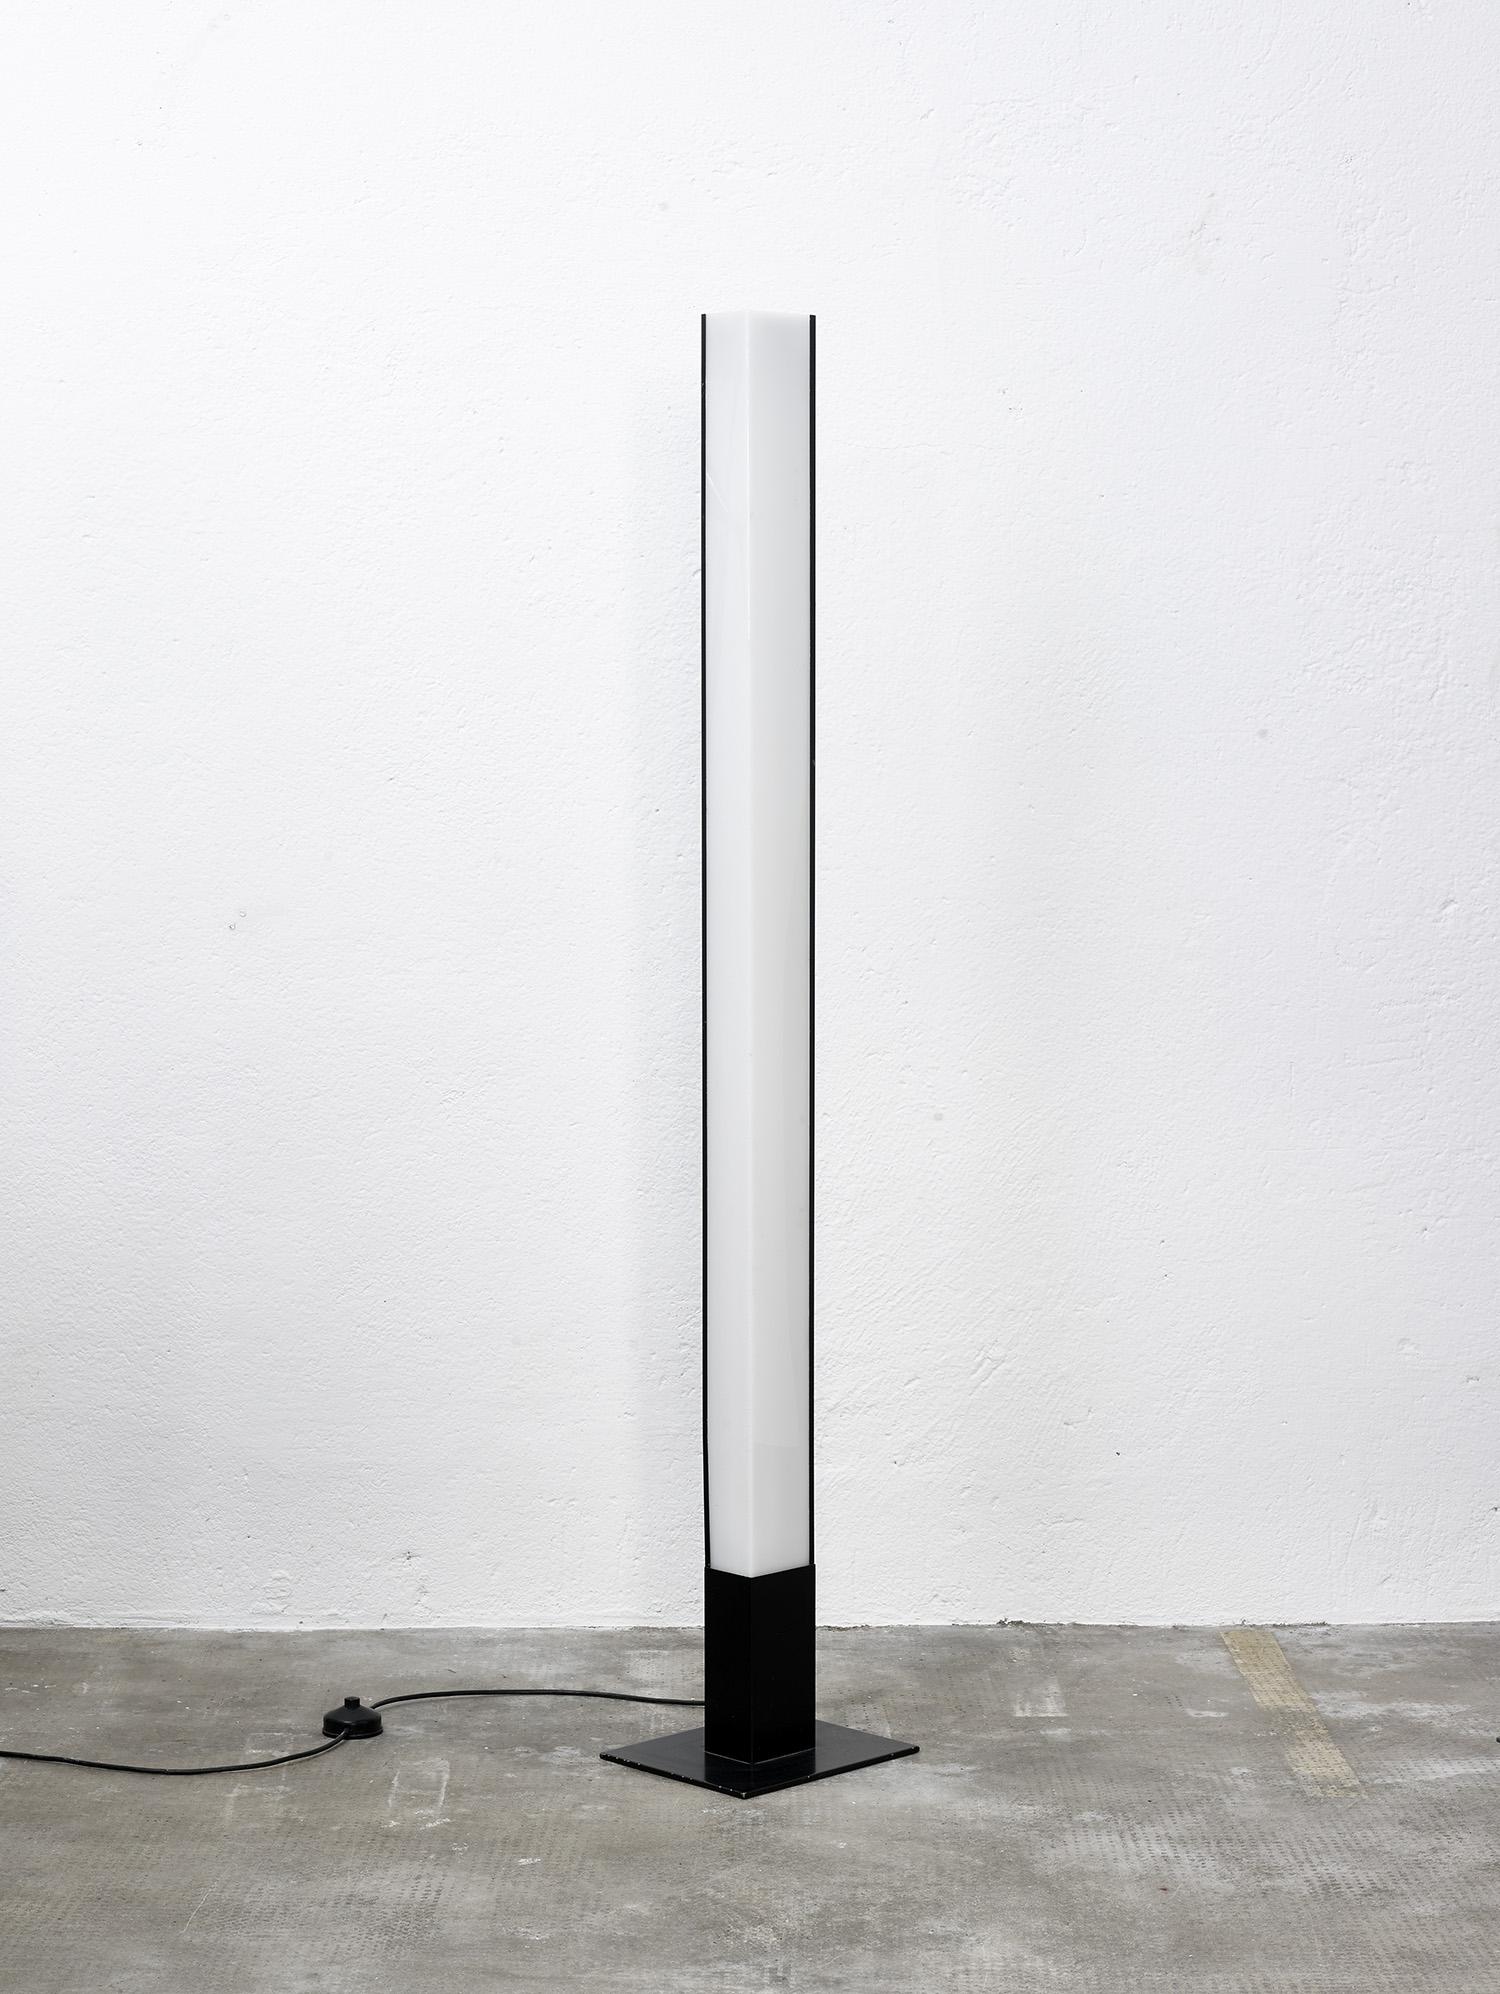 lampe-de-sol-bag-turgi-1960-image-03